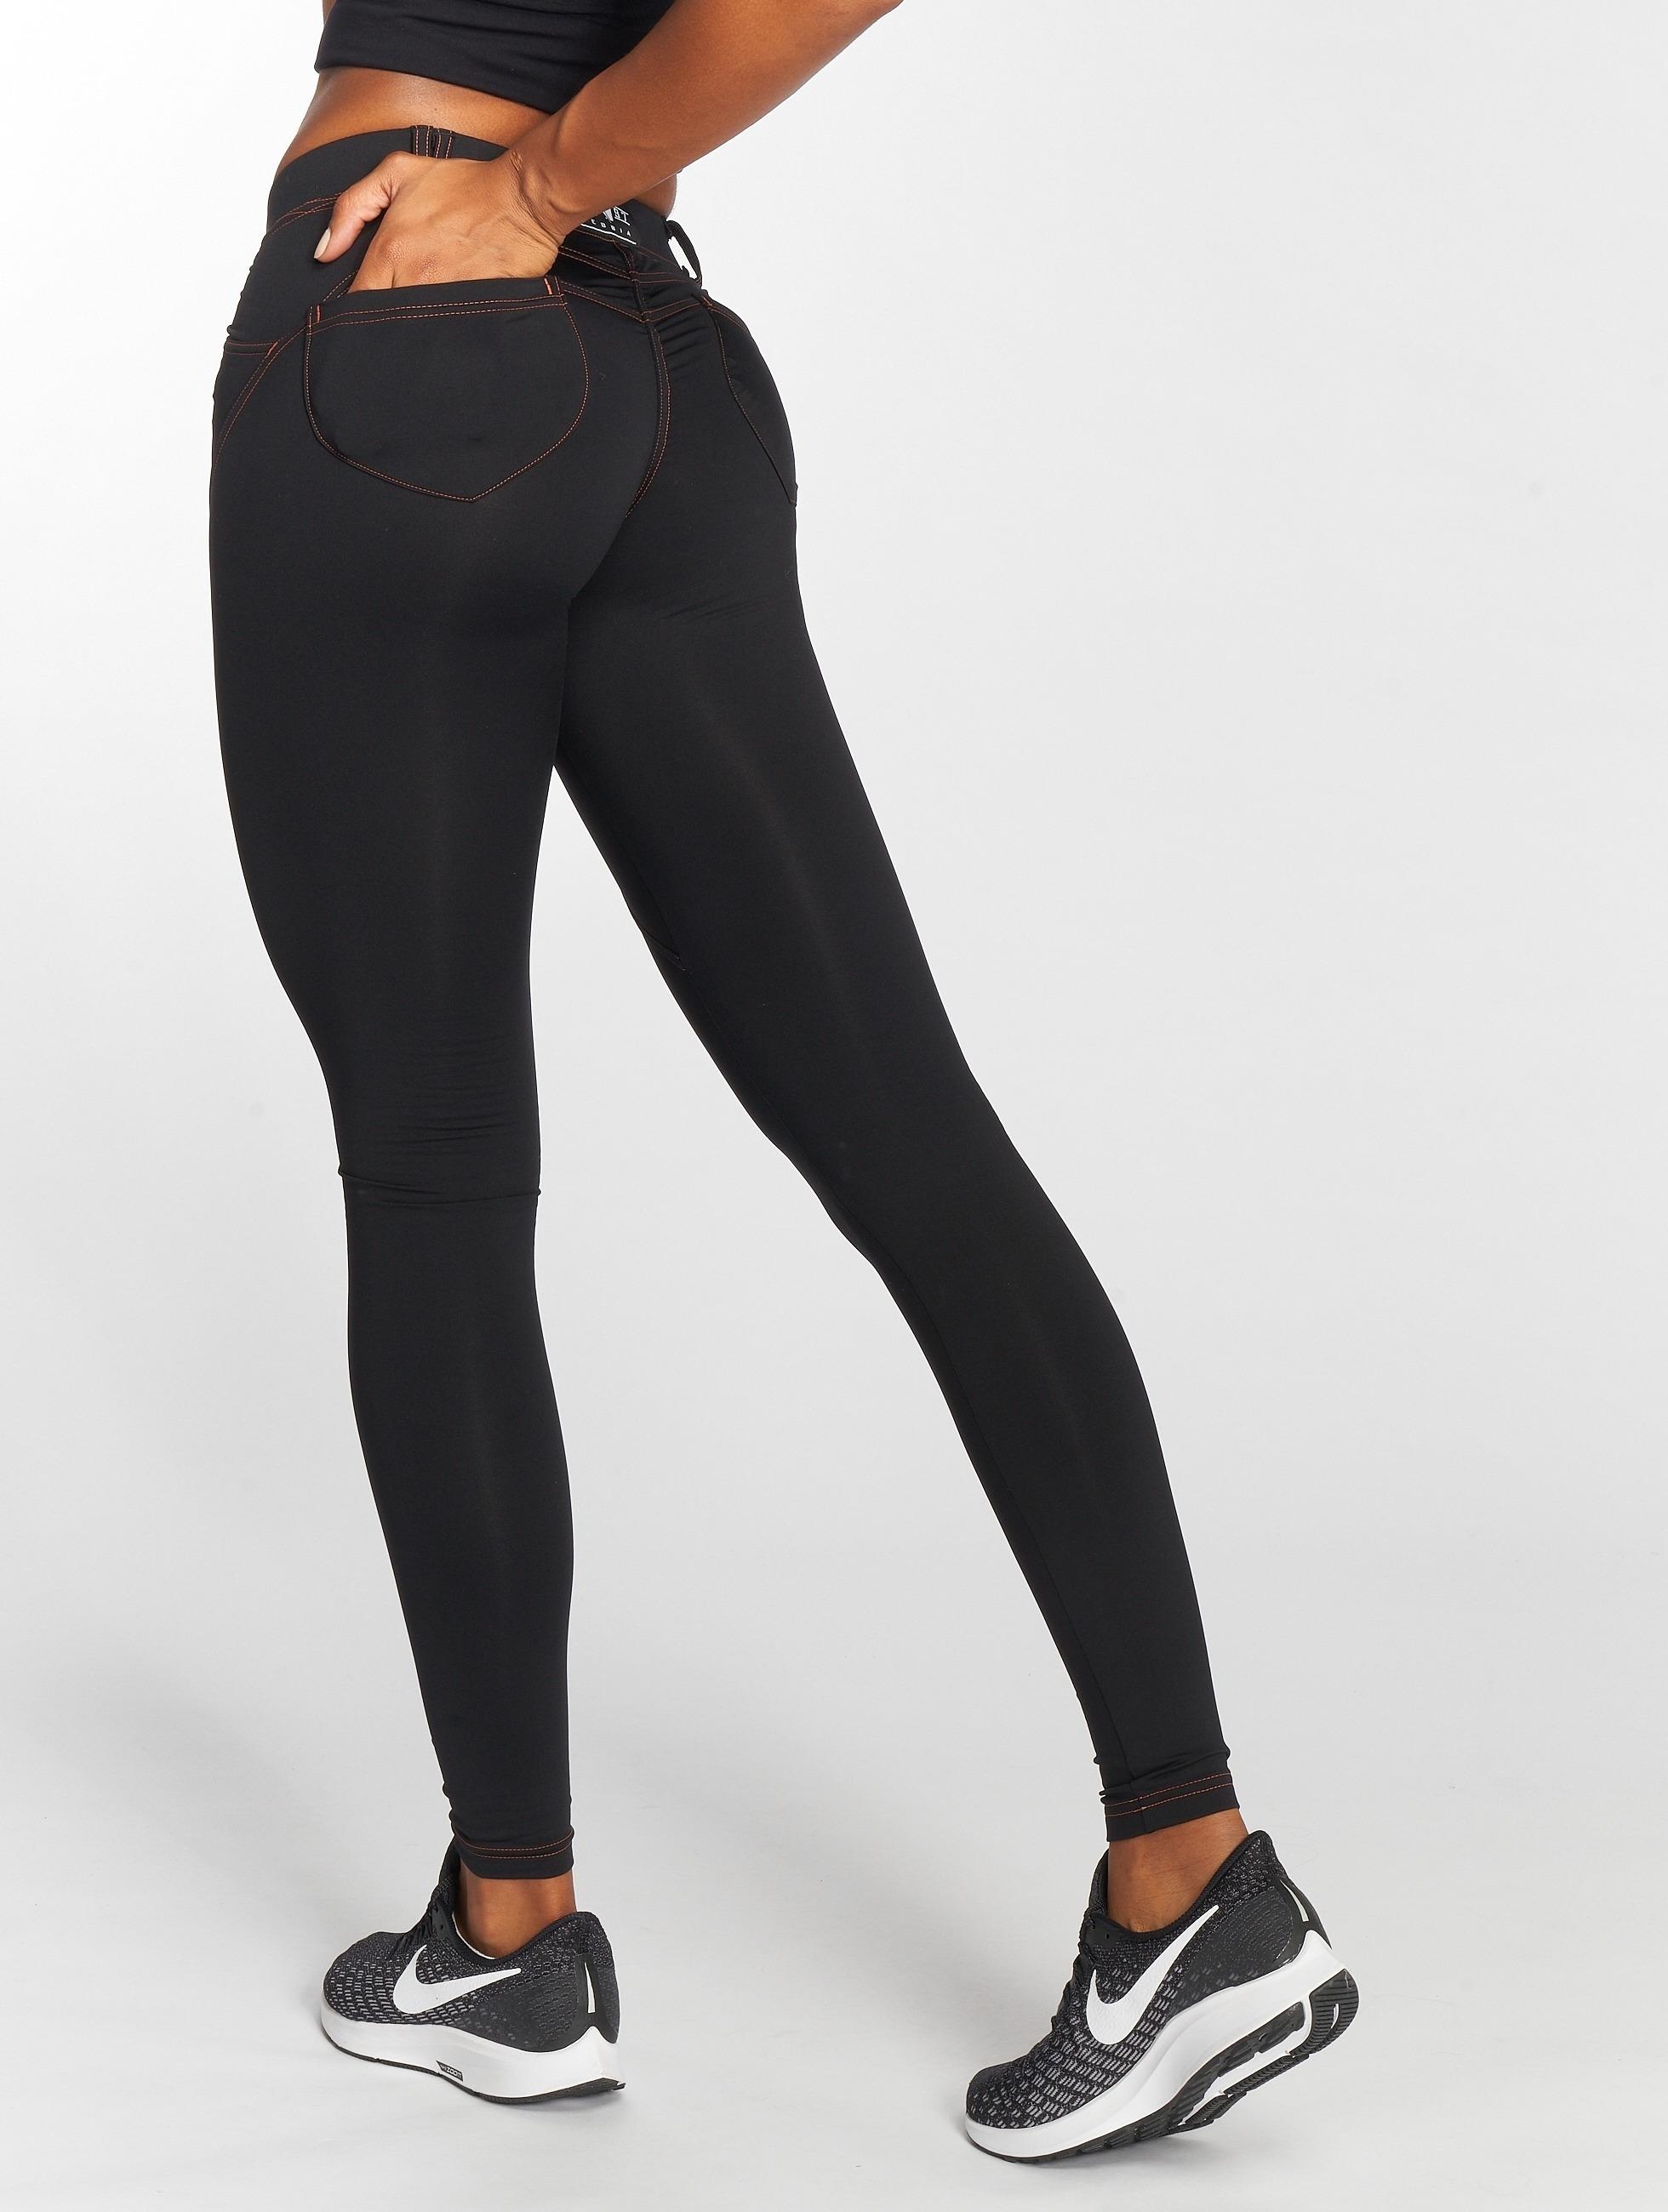 Nebbia | Bubble Butt Revolution noir Femme Legging